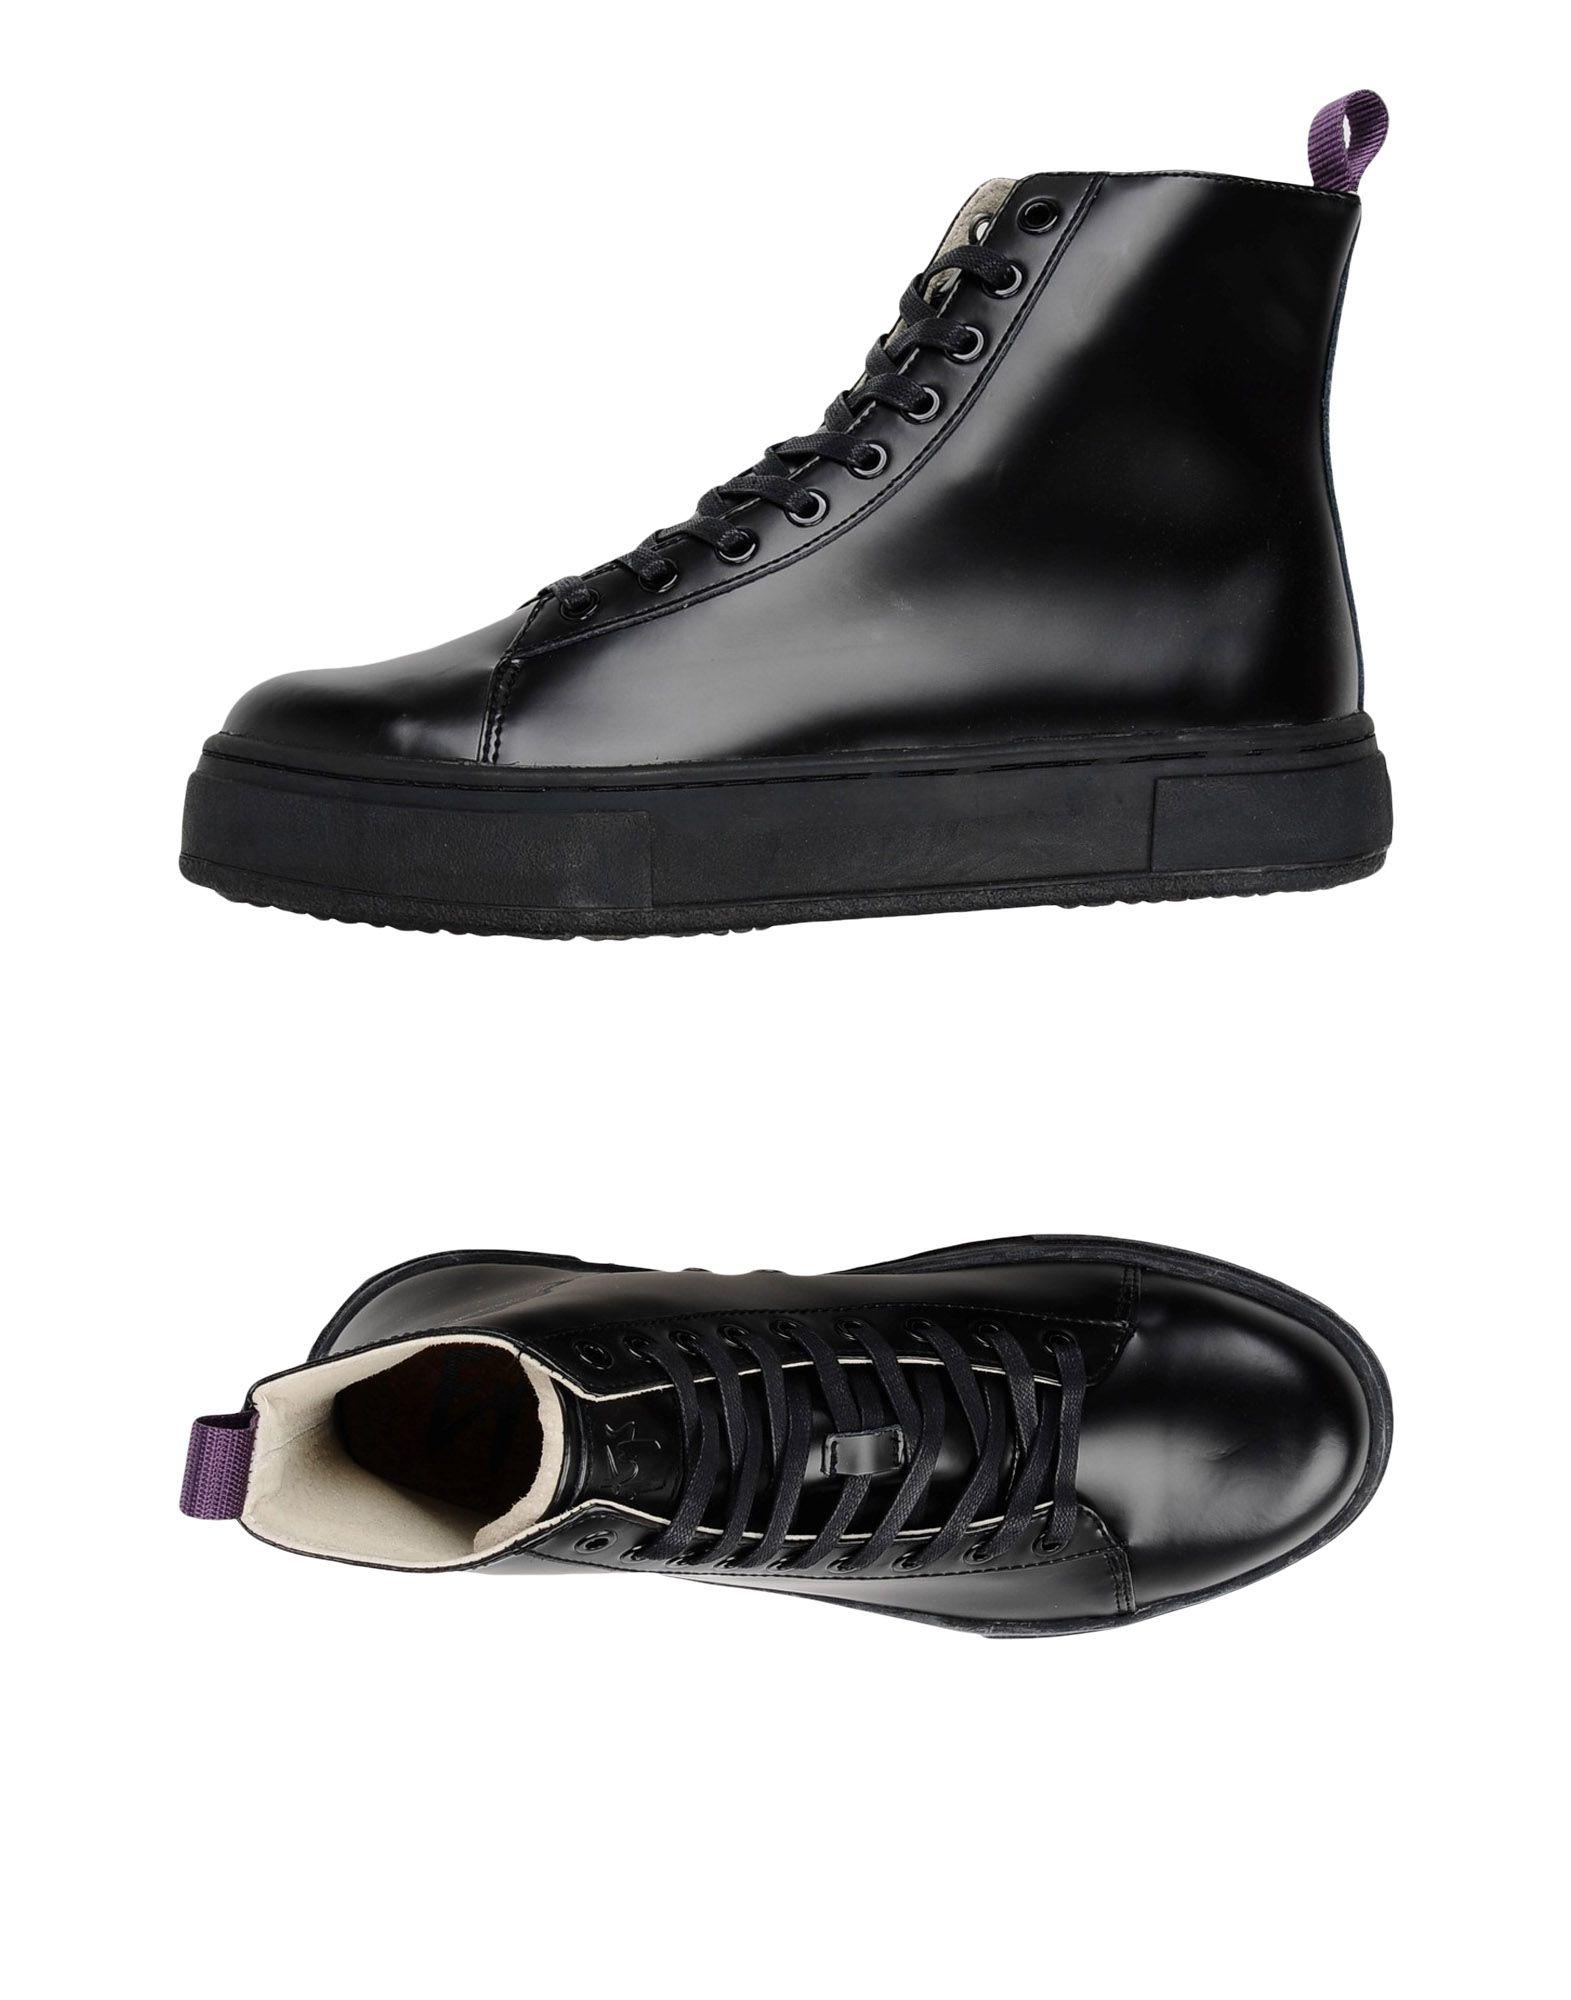 Eytys Sneakers Herren  11323921PM Gute Qualität beliebte Schuhe